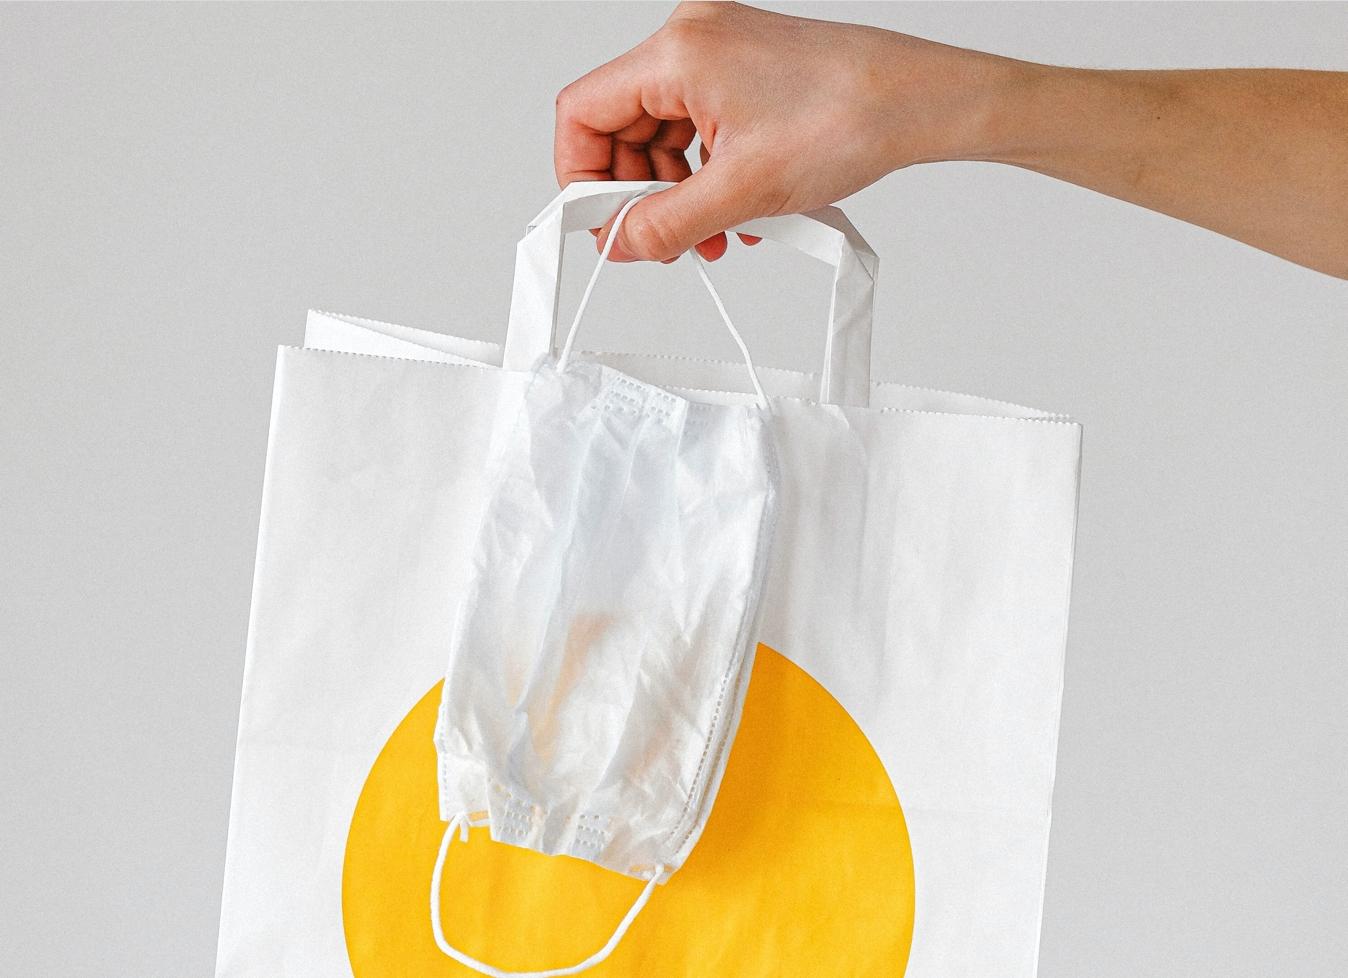 Levering voor e-commerce met shippr.io